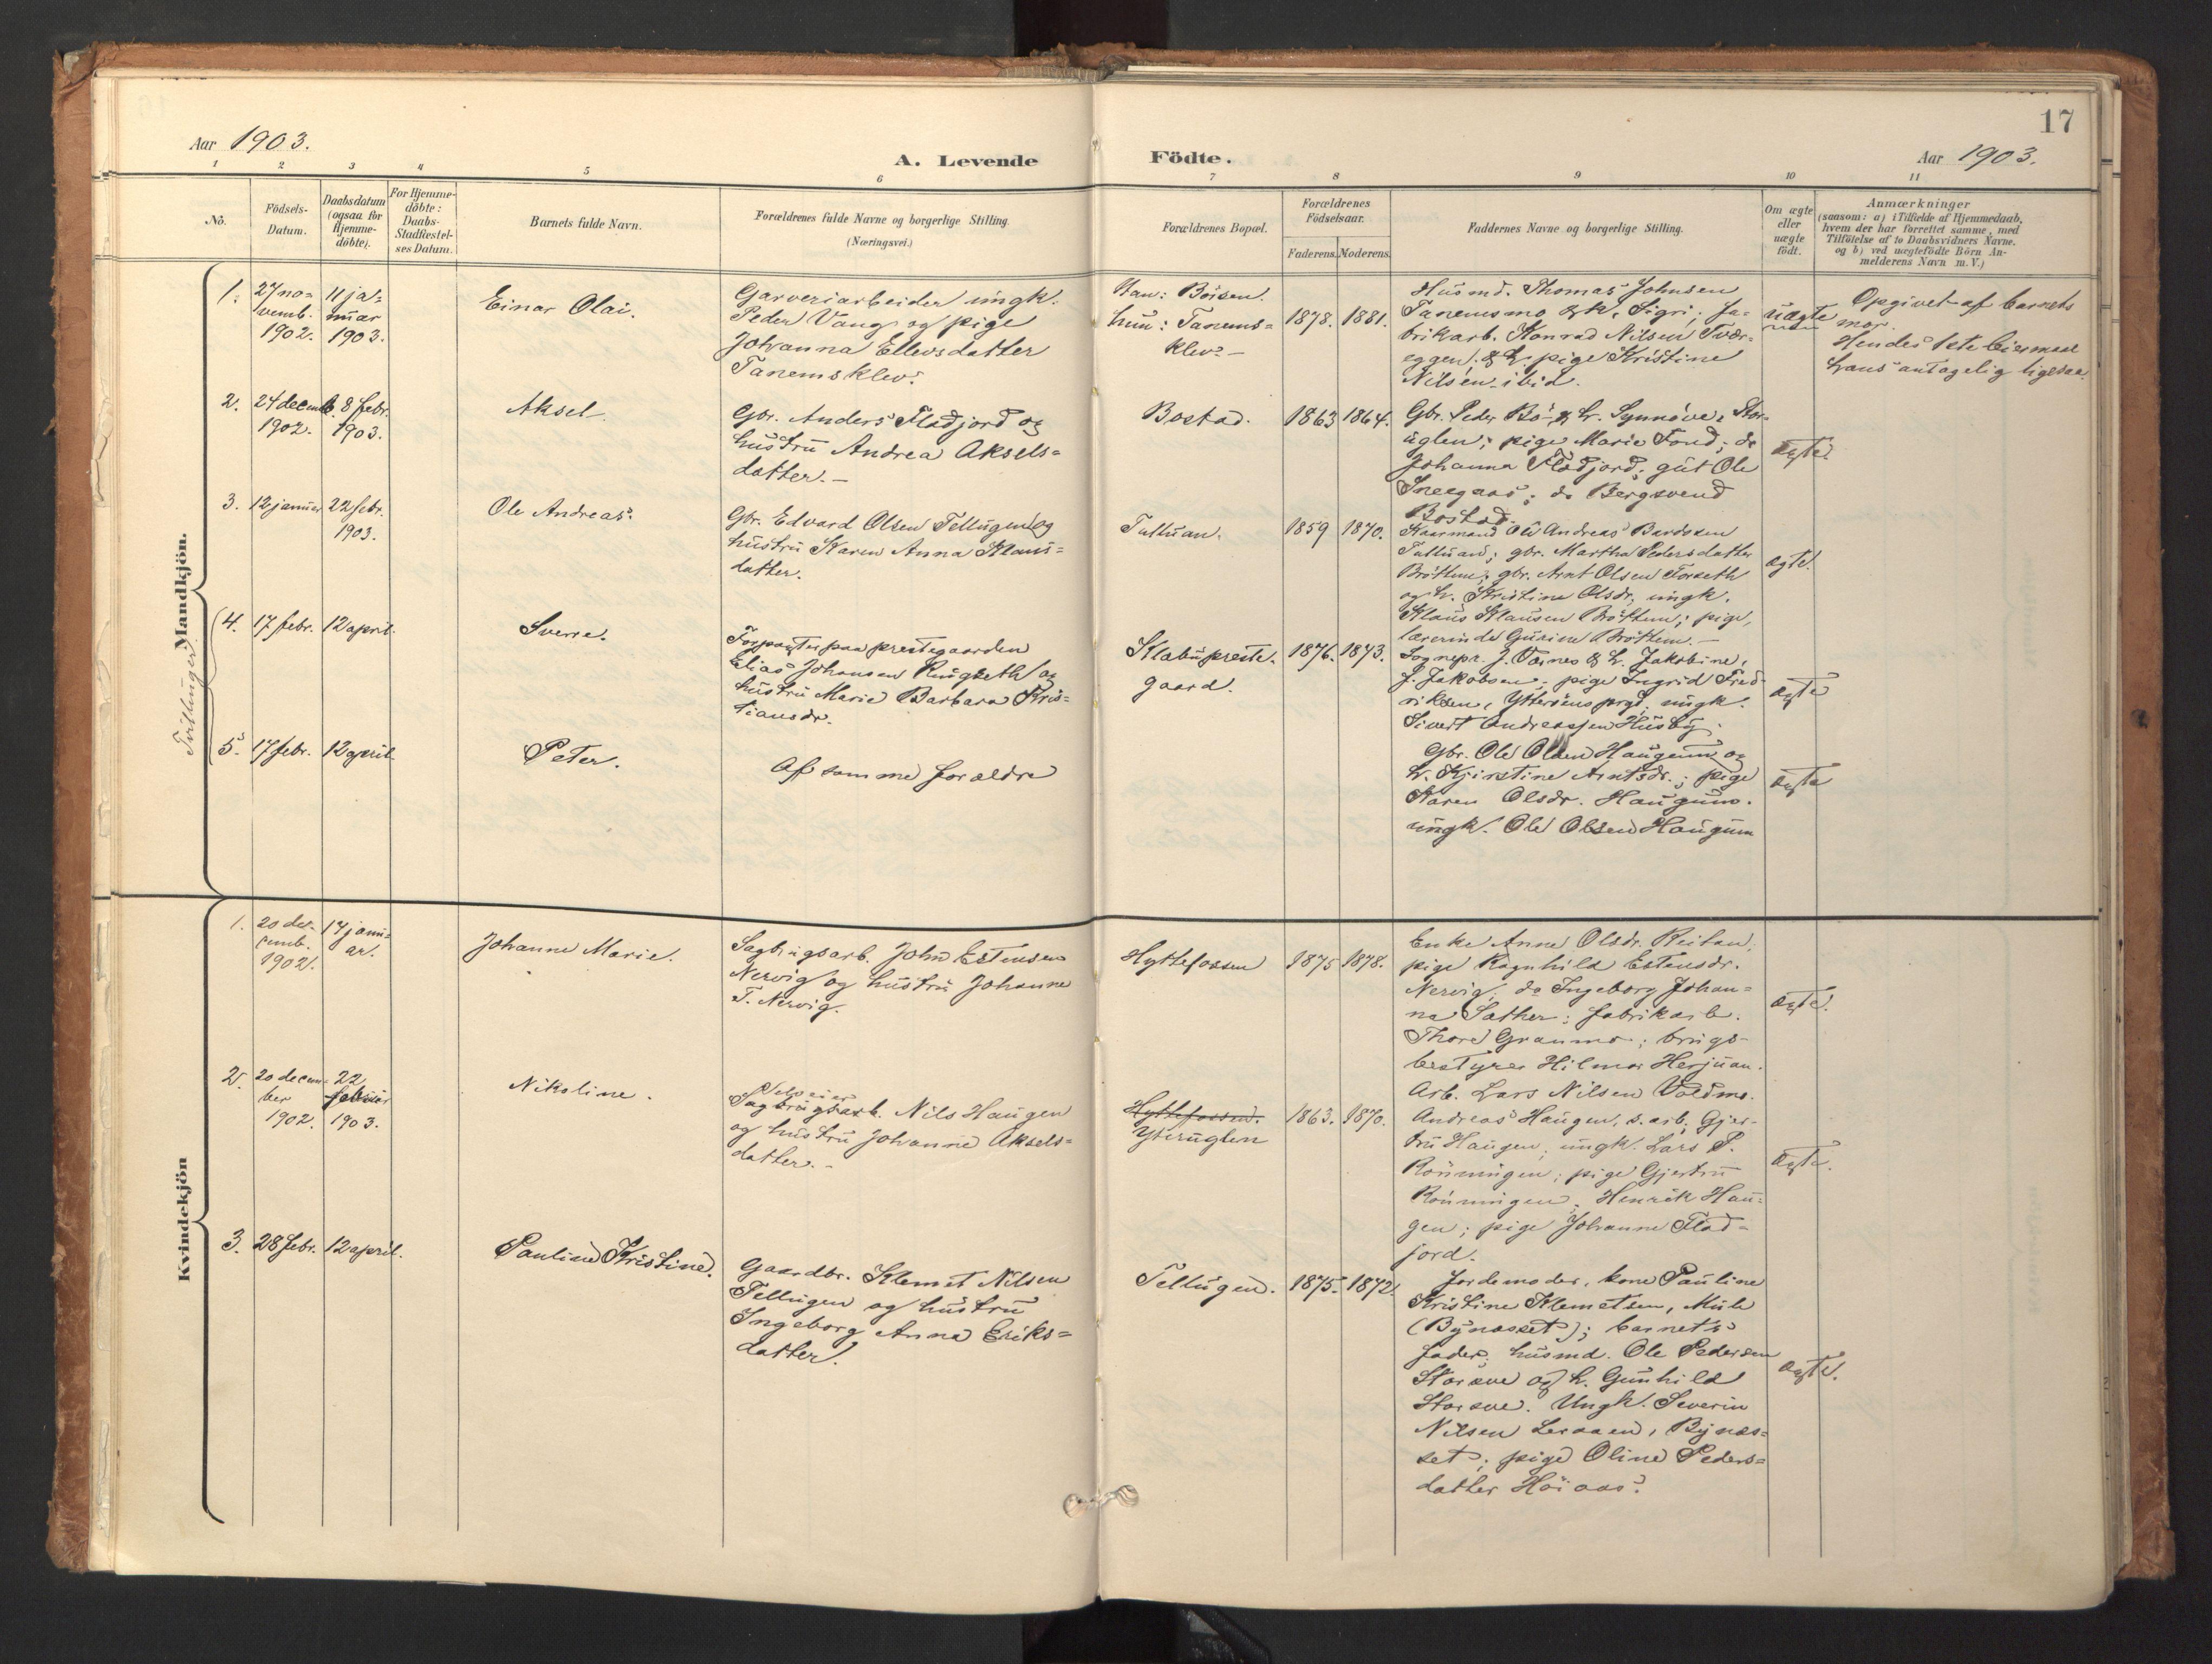 SAT, Ministerialprotokoller, klokkerbøker og fødselsregistre - Sør-Trøndelag, 618/L0448: Ministerialbok nr. 618A11, 1898-1916, s. 17